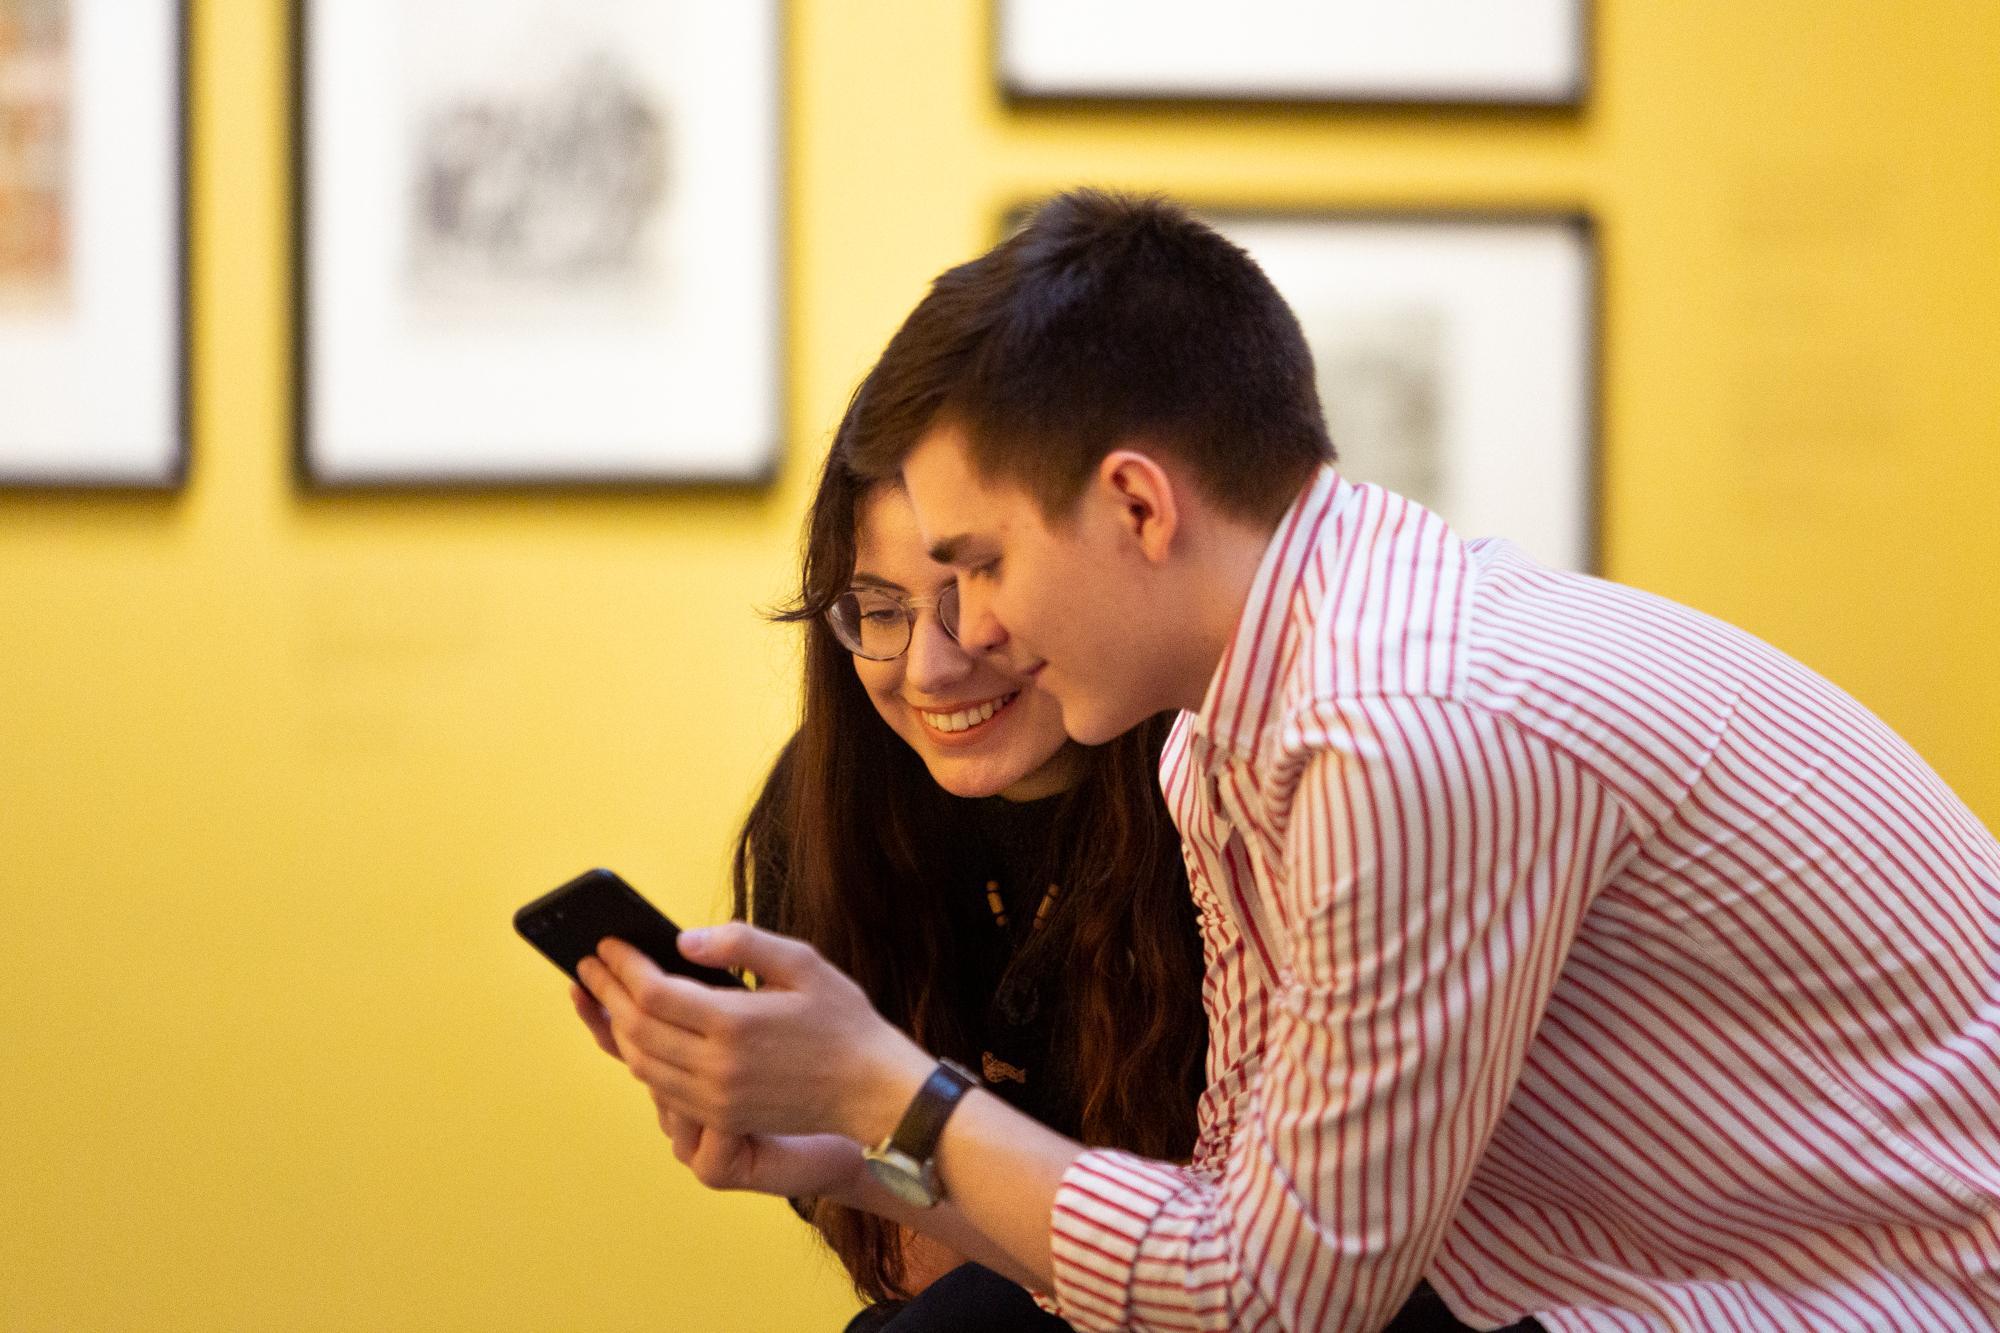 Kaksi asiakasta tarkastelevat puhelinta iloisina näyttelytiloissa.